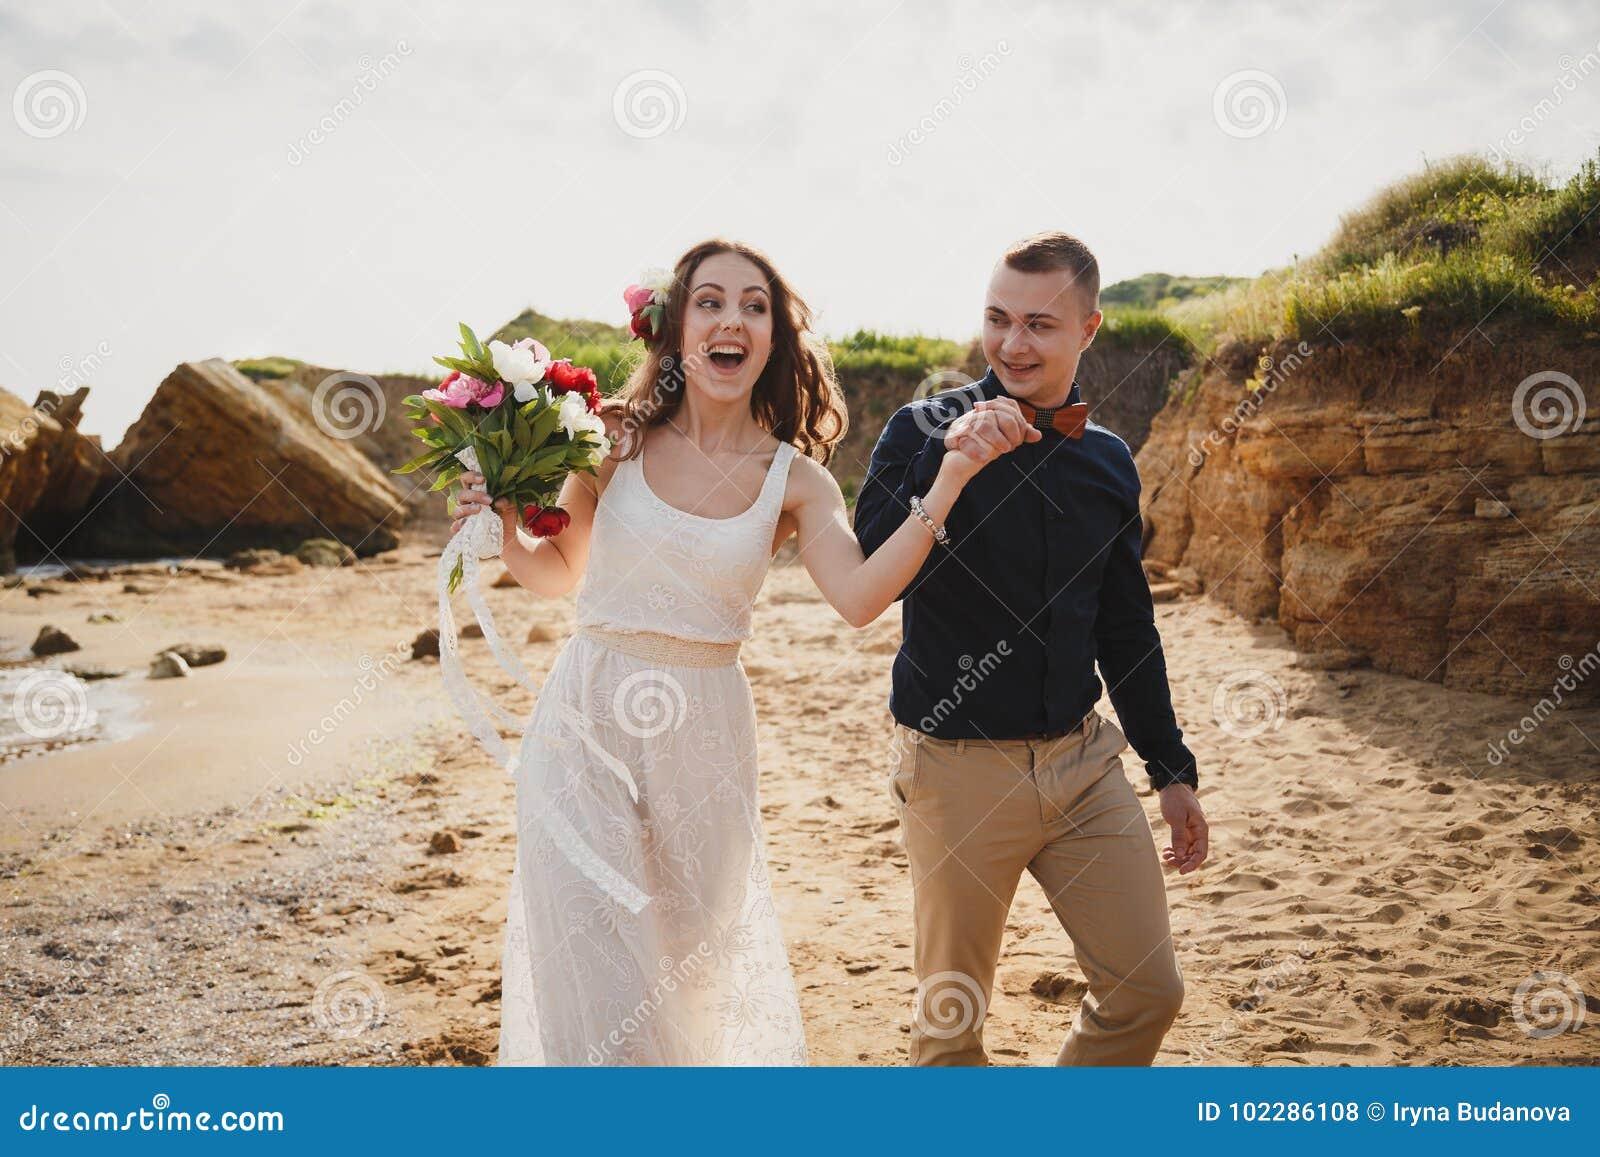 Strandhochzeitszeremonie im Freien nahe dem Meer, stilvoller glücklicher lächelnder Bräutigam und Braut haben Spaß und das Lachen